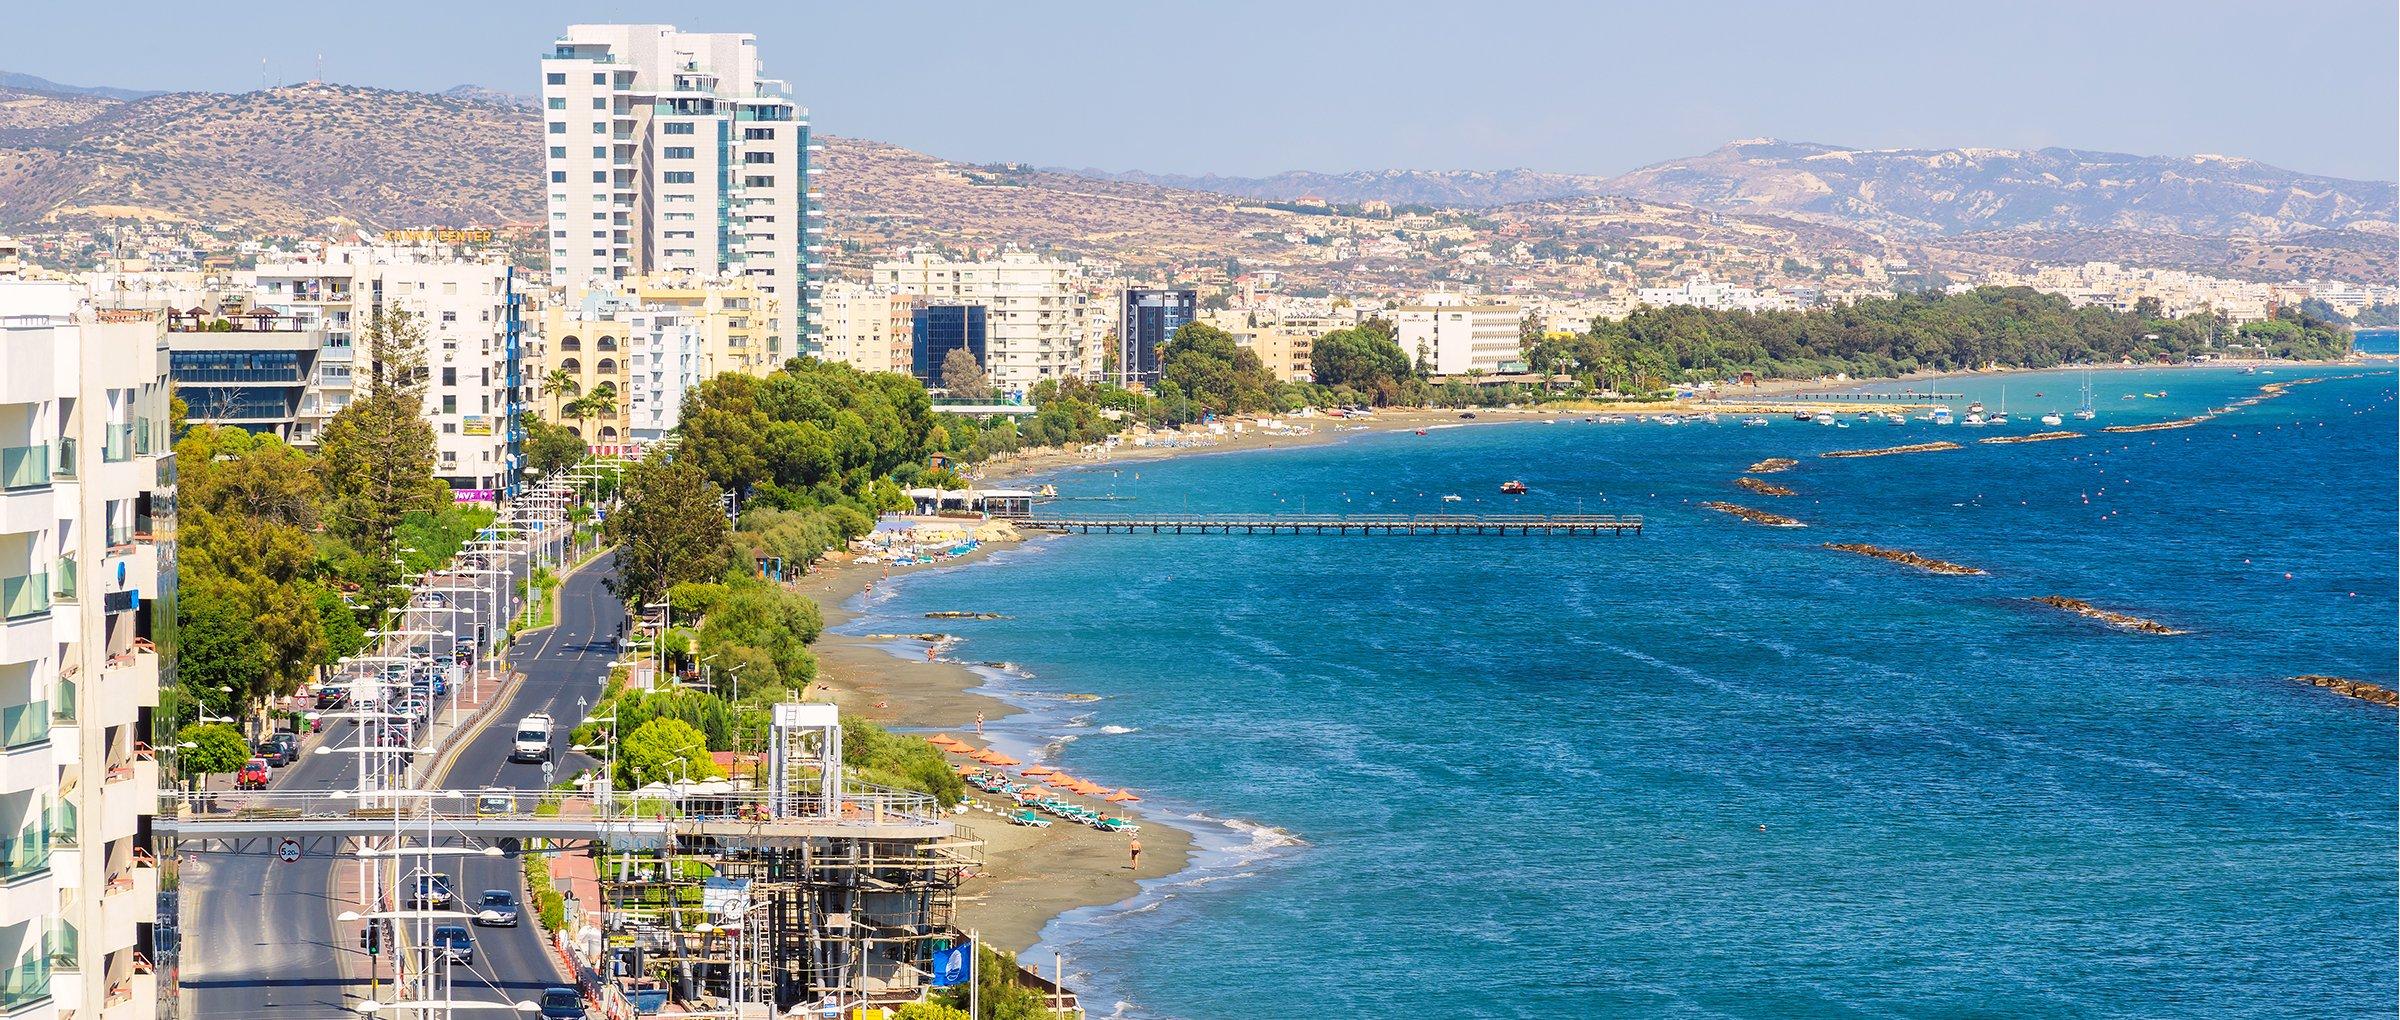 Turismo reproductivo en Limassol